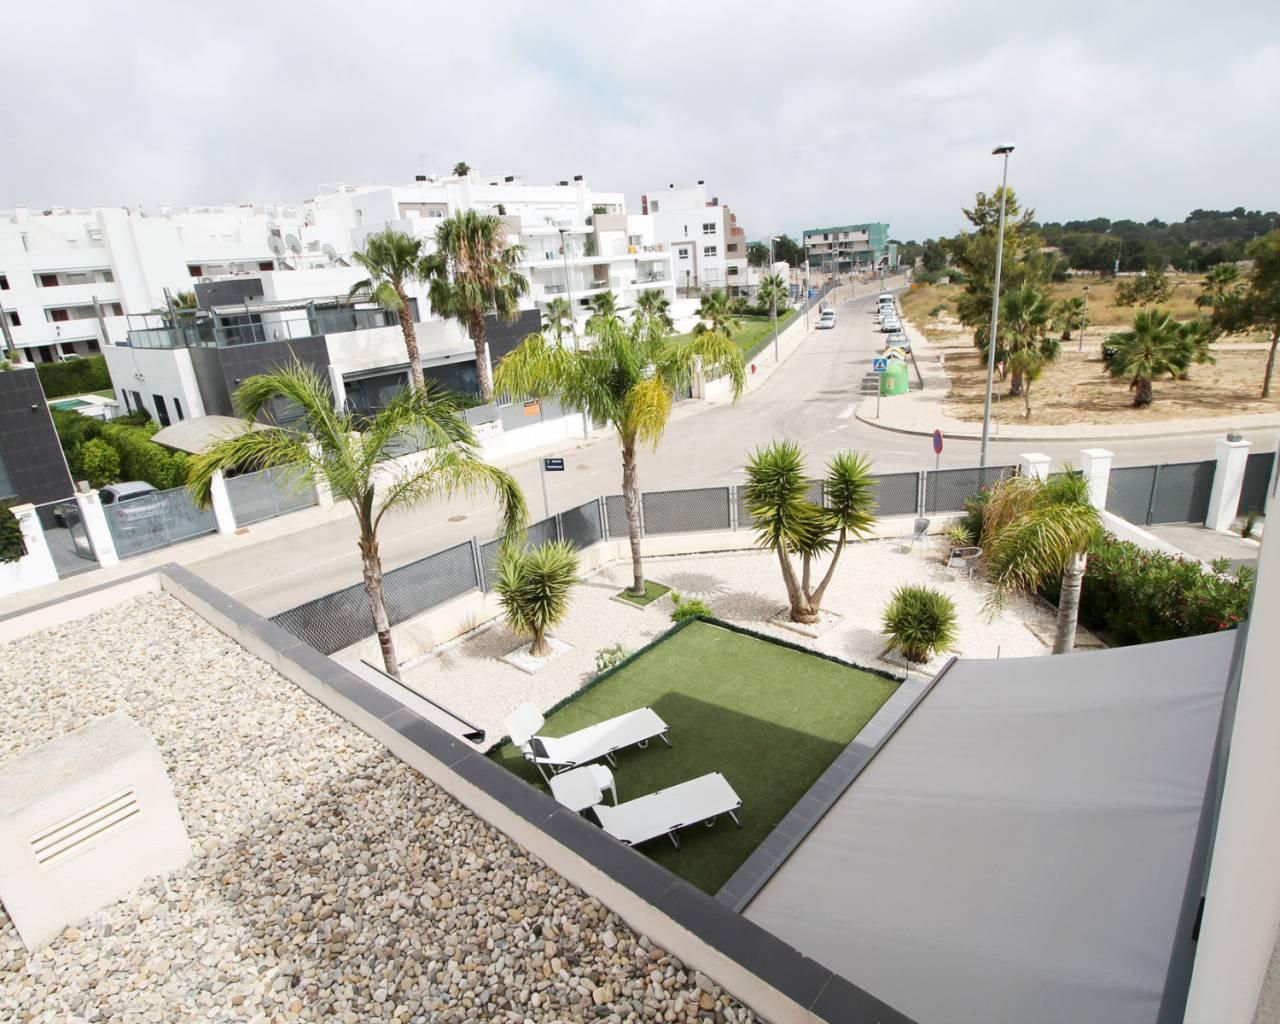 herverkoop-half-vrijstaande-villa-orihuela-costa-villamartin-golf_2032_xl